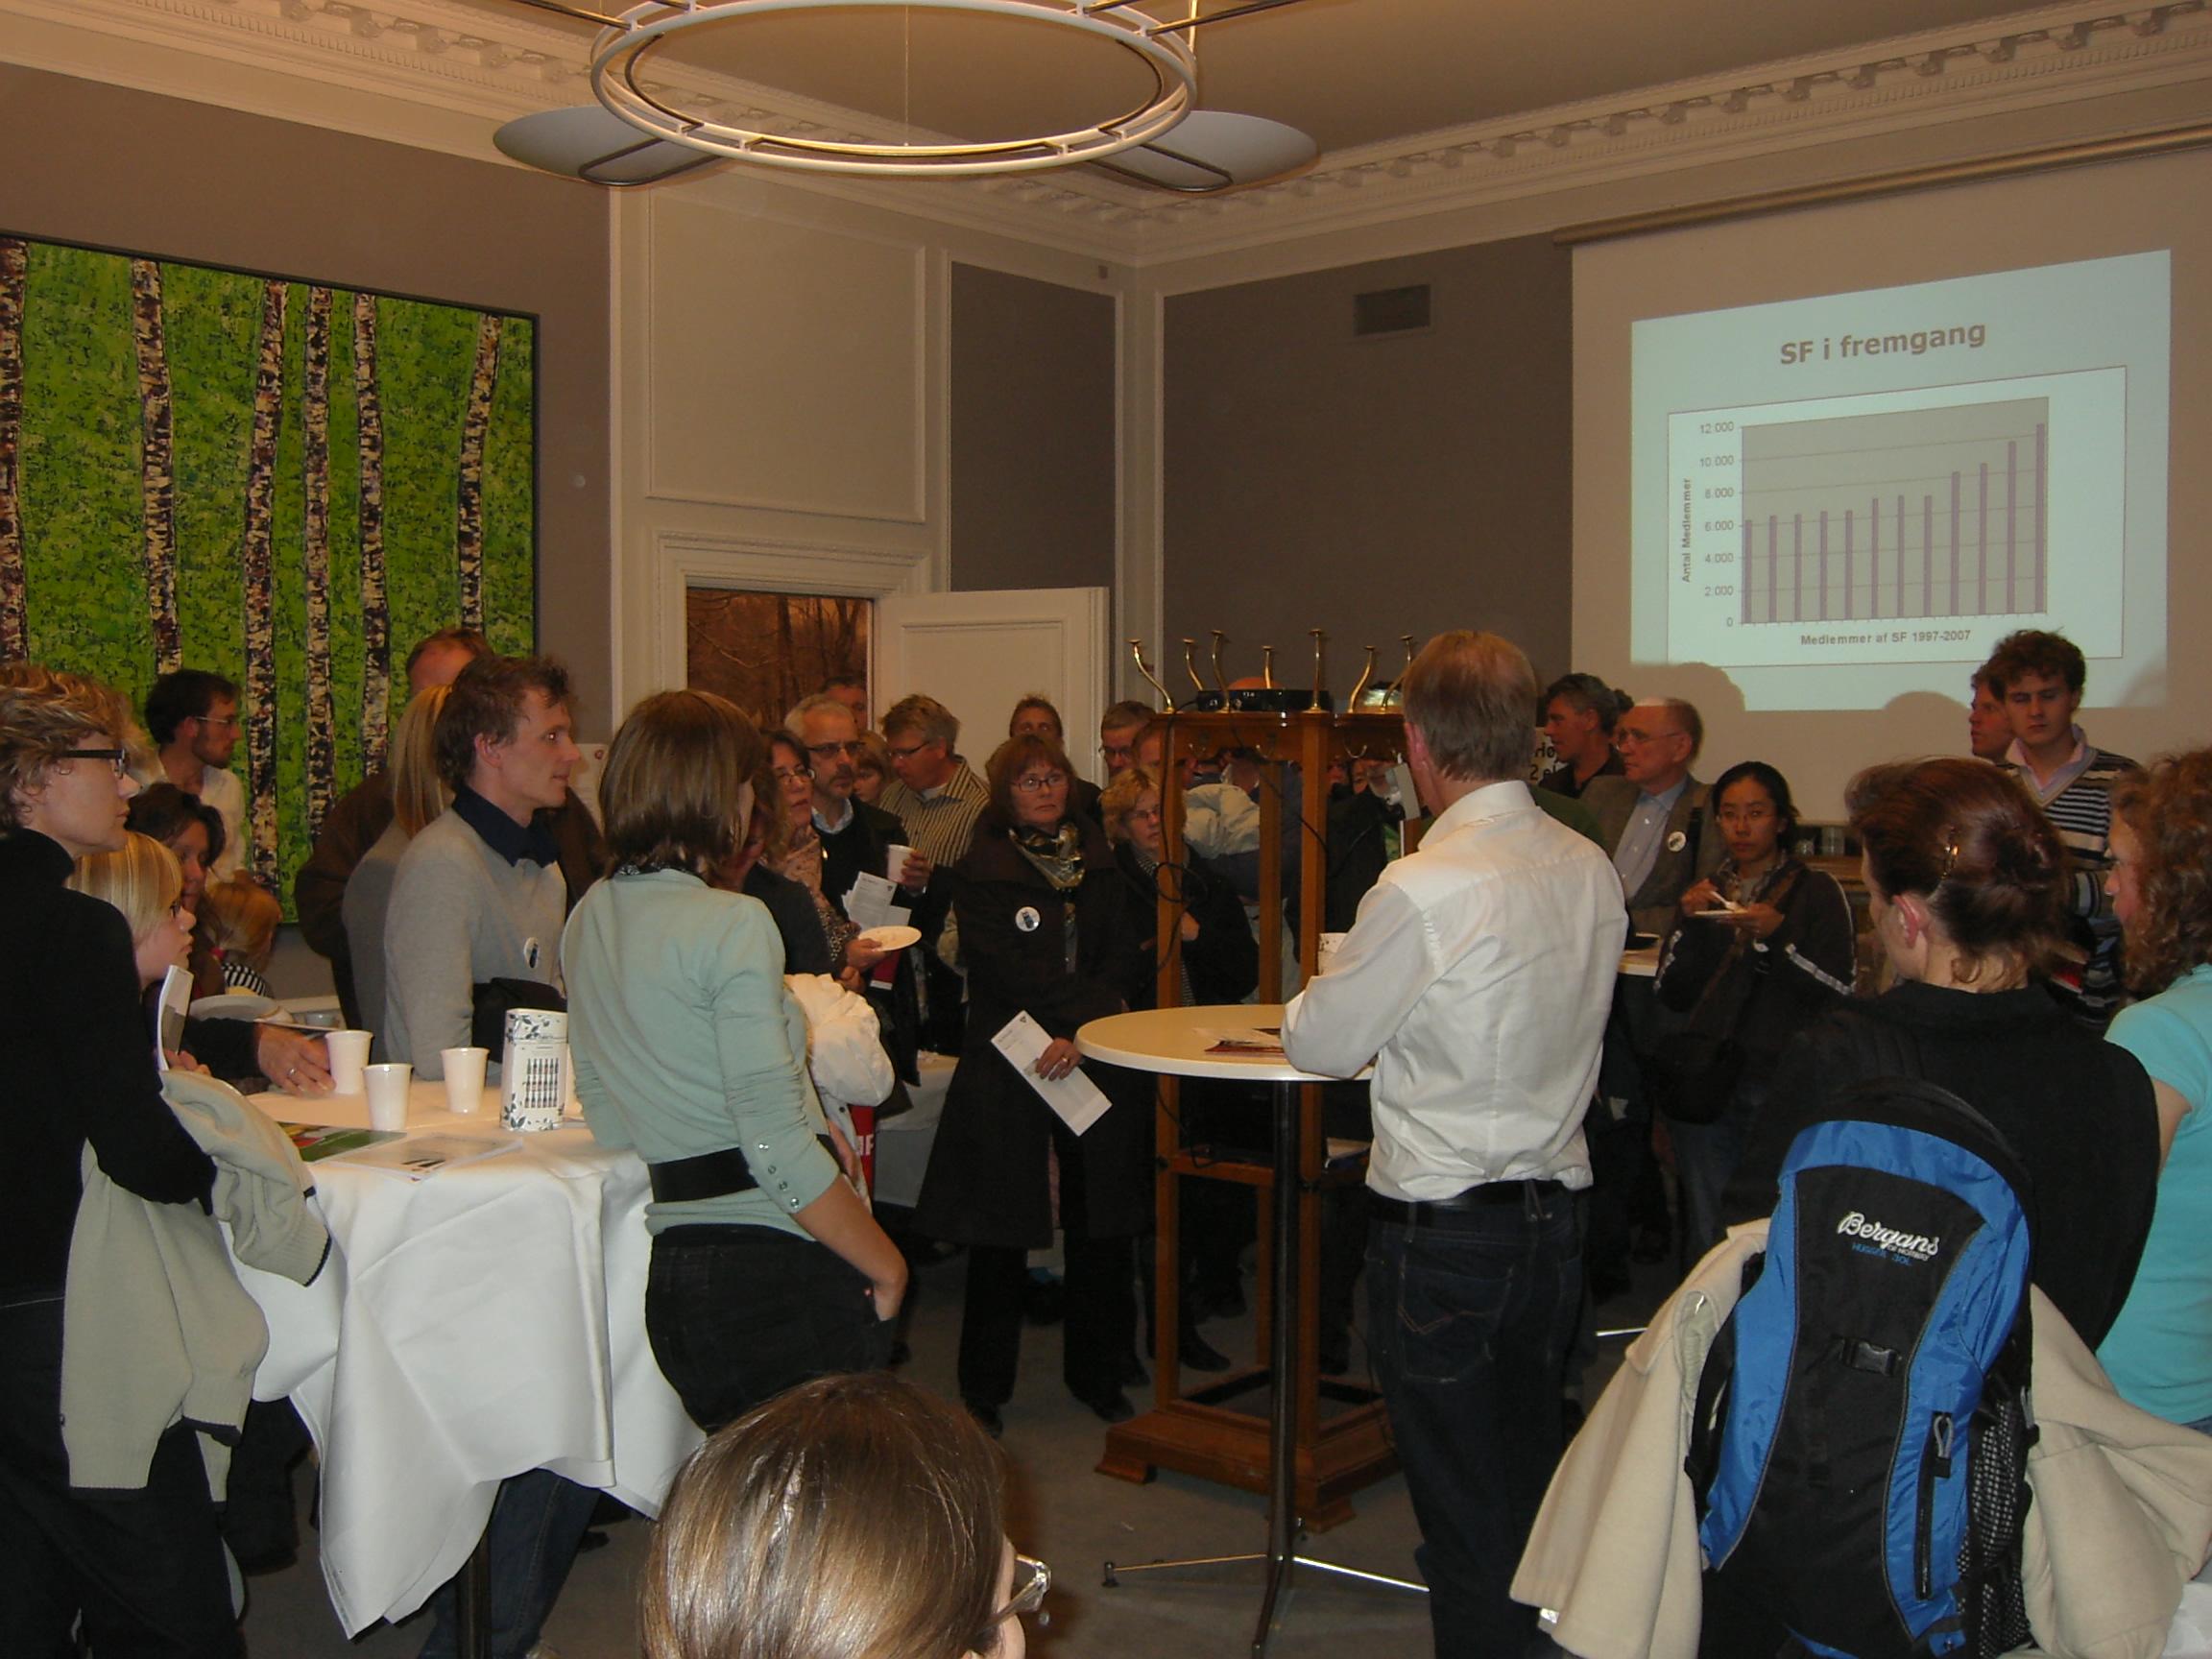 Villy Søvndal på Kulturnat 2007